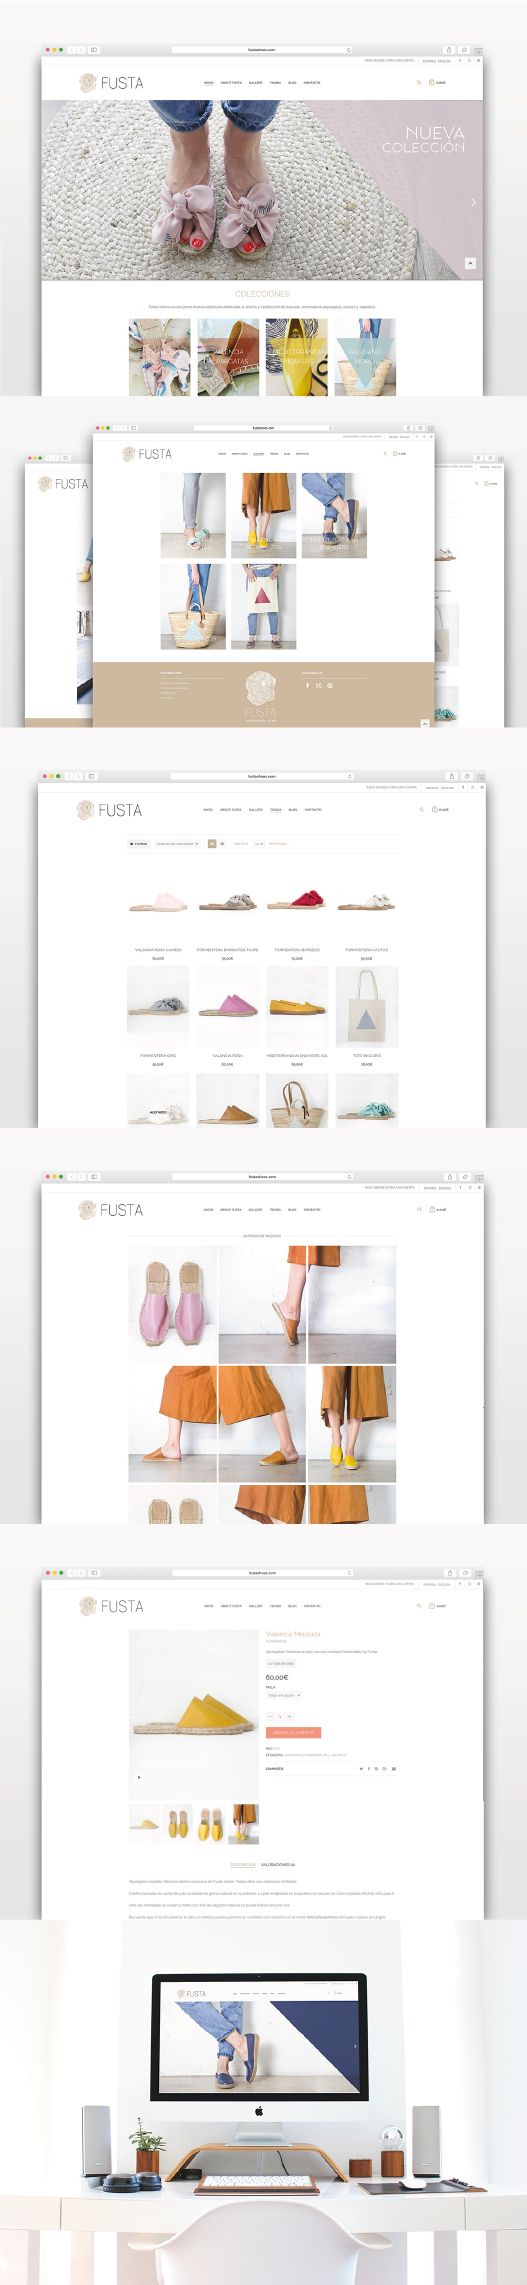 Diseño Tienda Online realizada para Fusta shoes, adaptada con sistema responsive para todos los dispositivos móviles #diseñografico #diseñoweb #creacionweb #tiendaonline